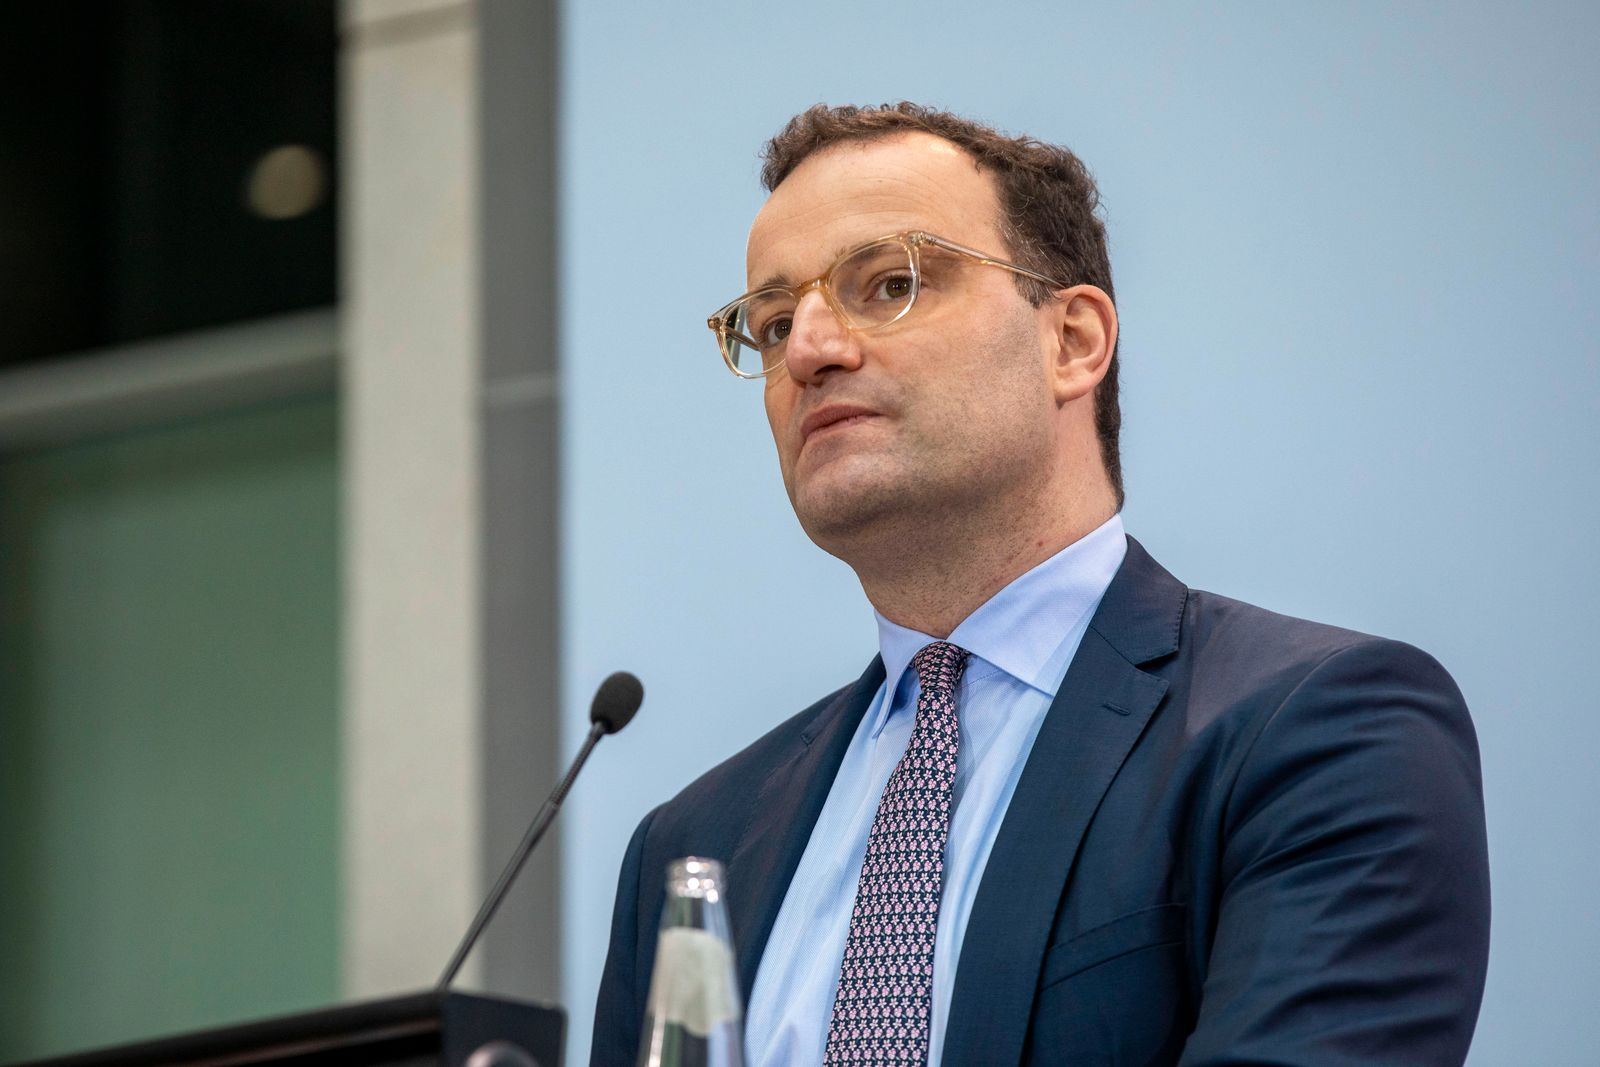 Deutschland, Berlin, Gesundheitsministerium, Statement von Gesundheitsminister Jens Spahn CDU zum Thema Impfen, 06.01.2